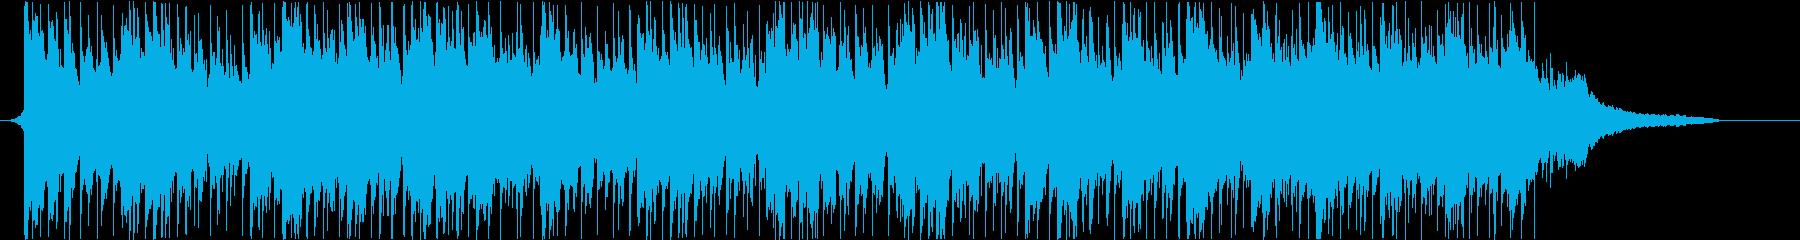 企業VPや映像に 爽やか疾走感_ショートの再生済みの波形